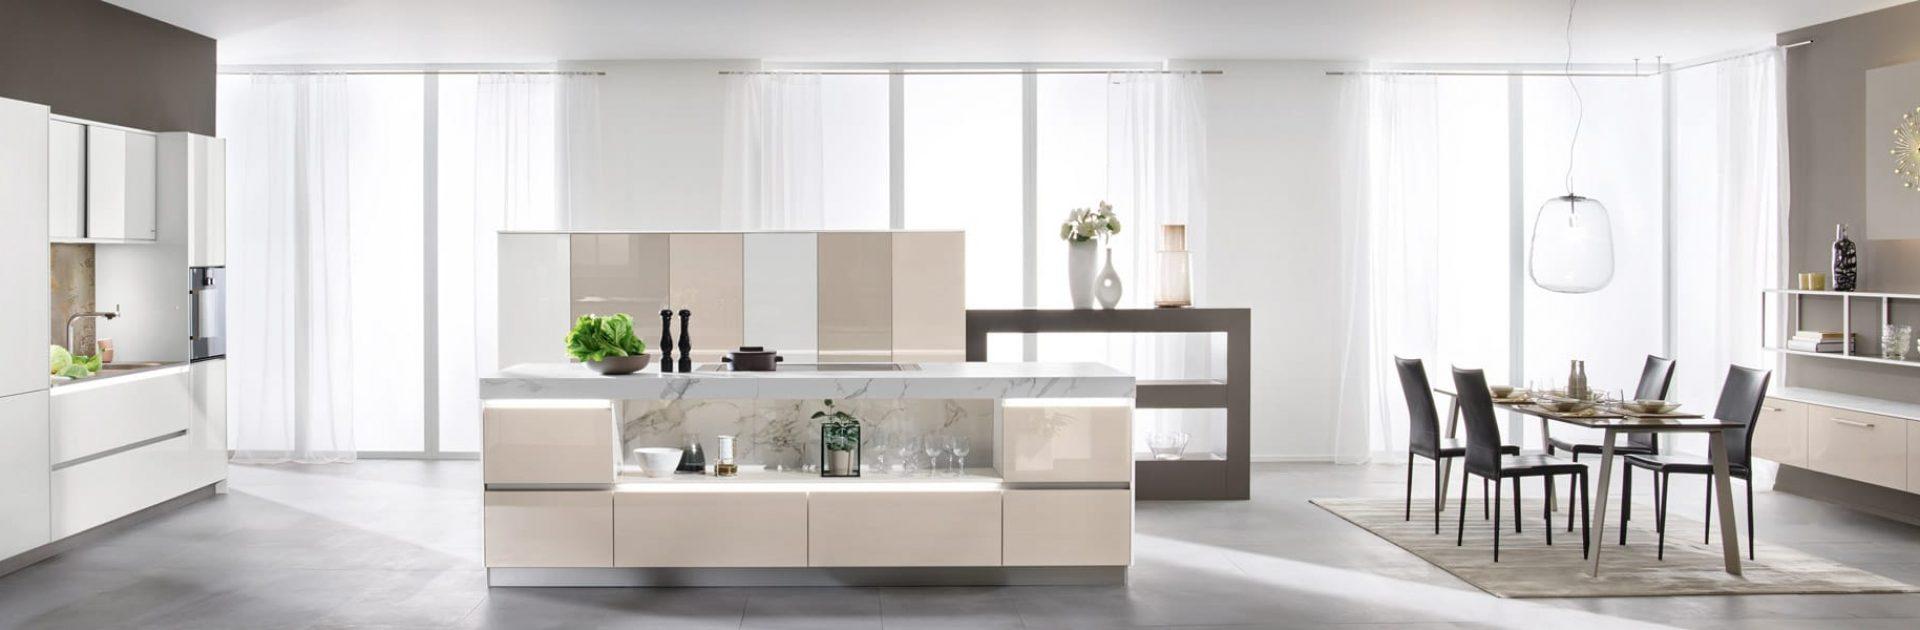 Keuken inspiratie | Keuken ideeën | Eigenhuis Keukens